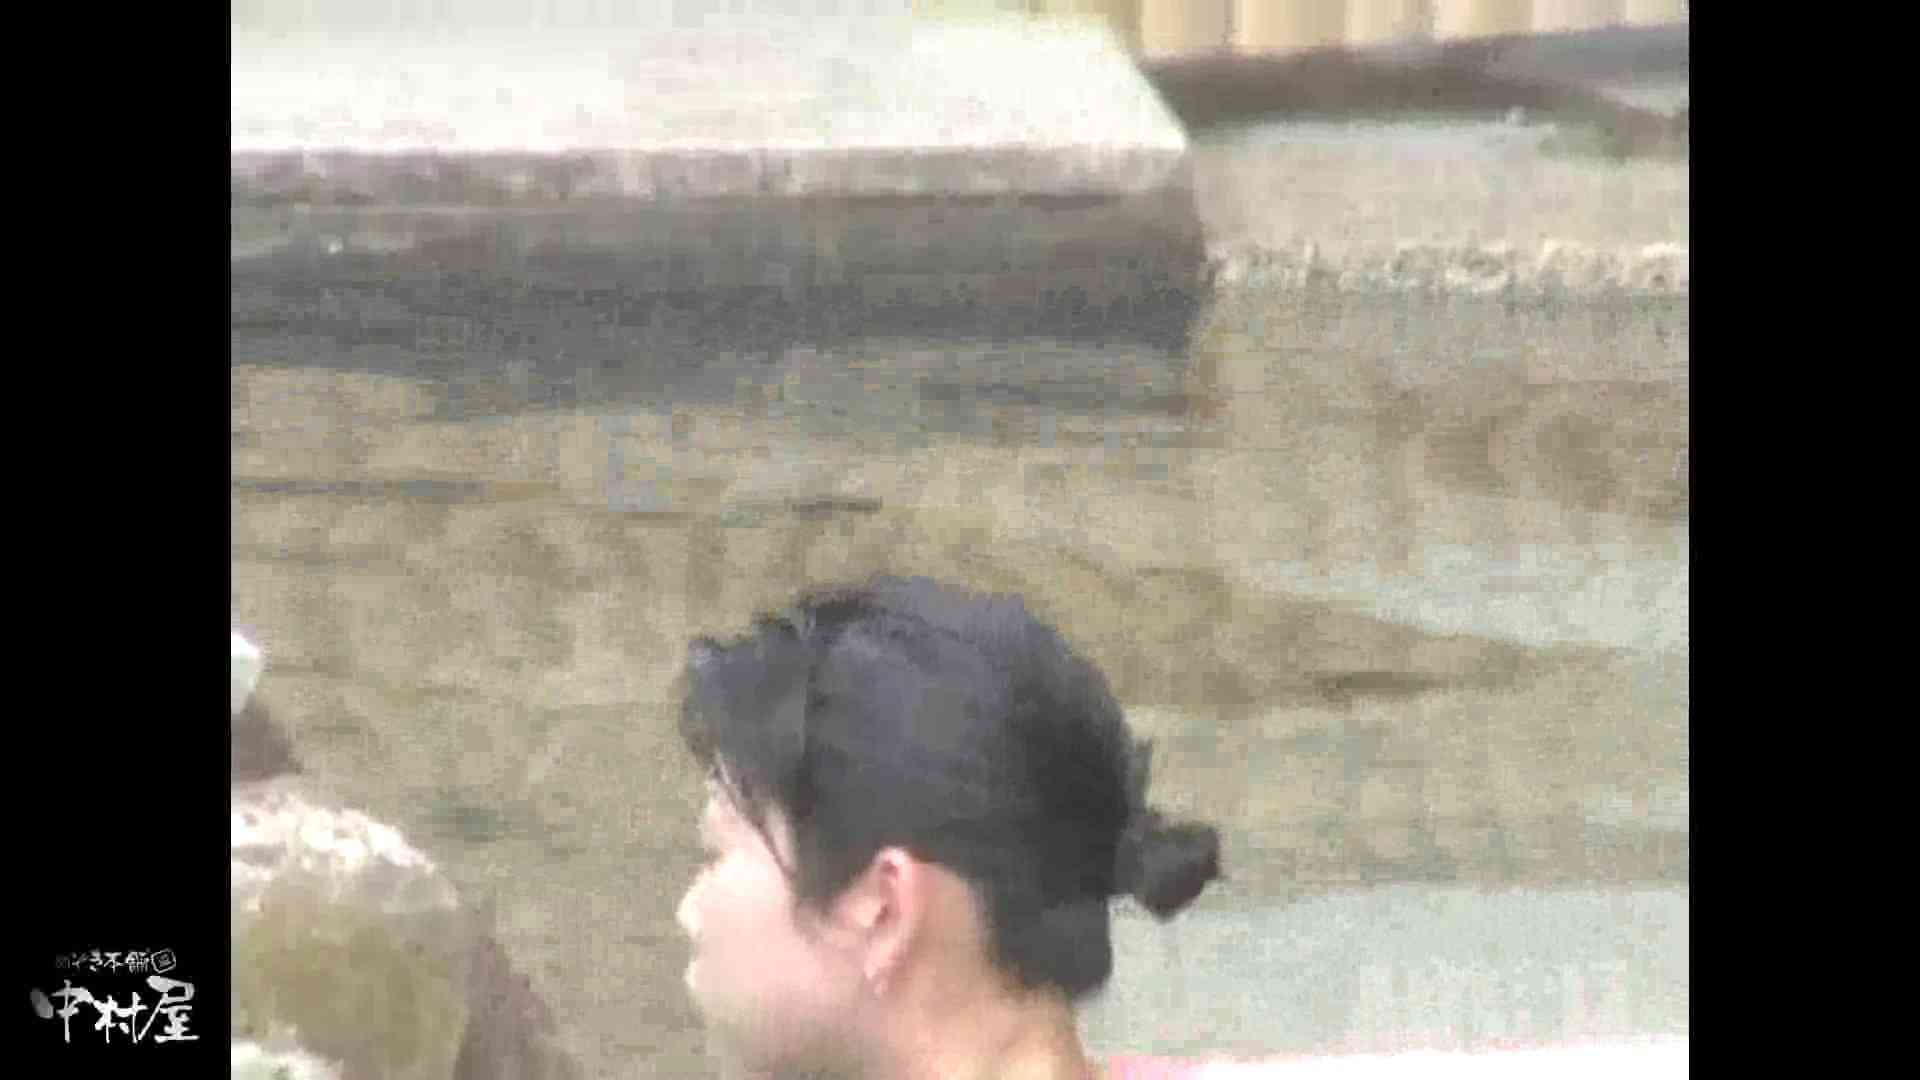 Aquaな露天風呂Vol.881潜入盗撮露天風呂十七判湯 其の三 OLセックス | 露天  72画像 53